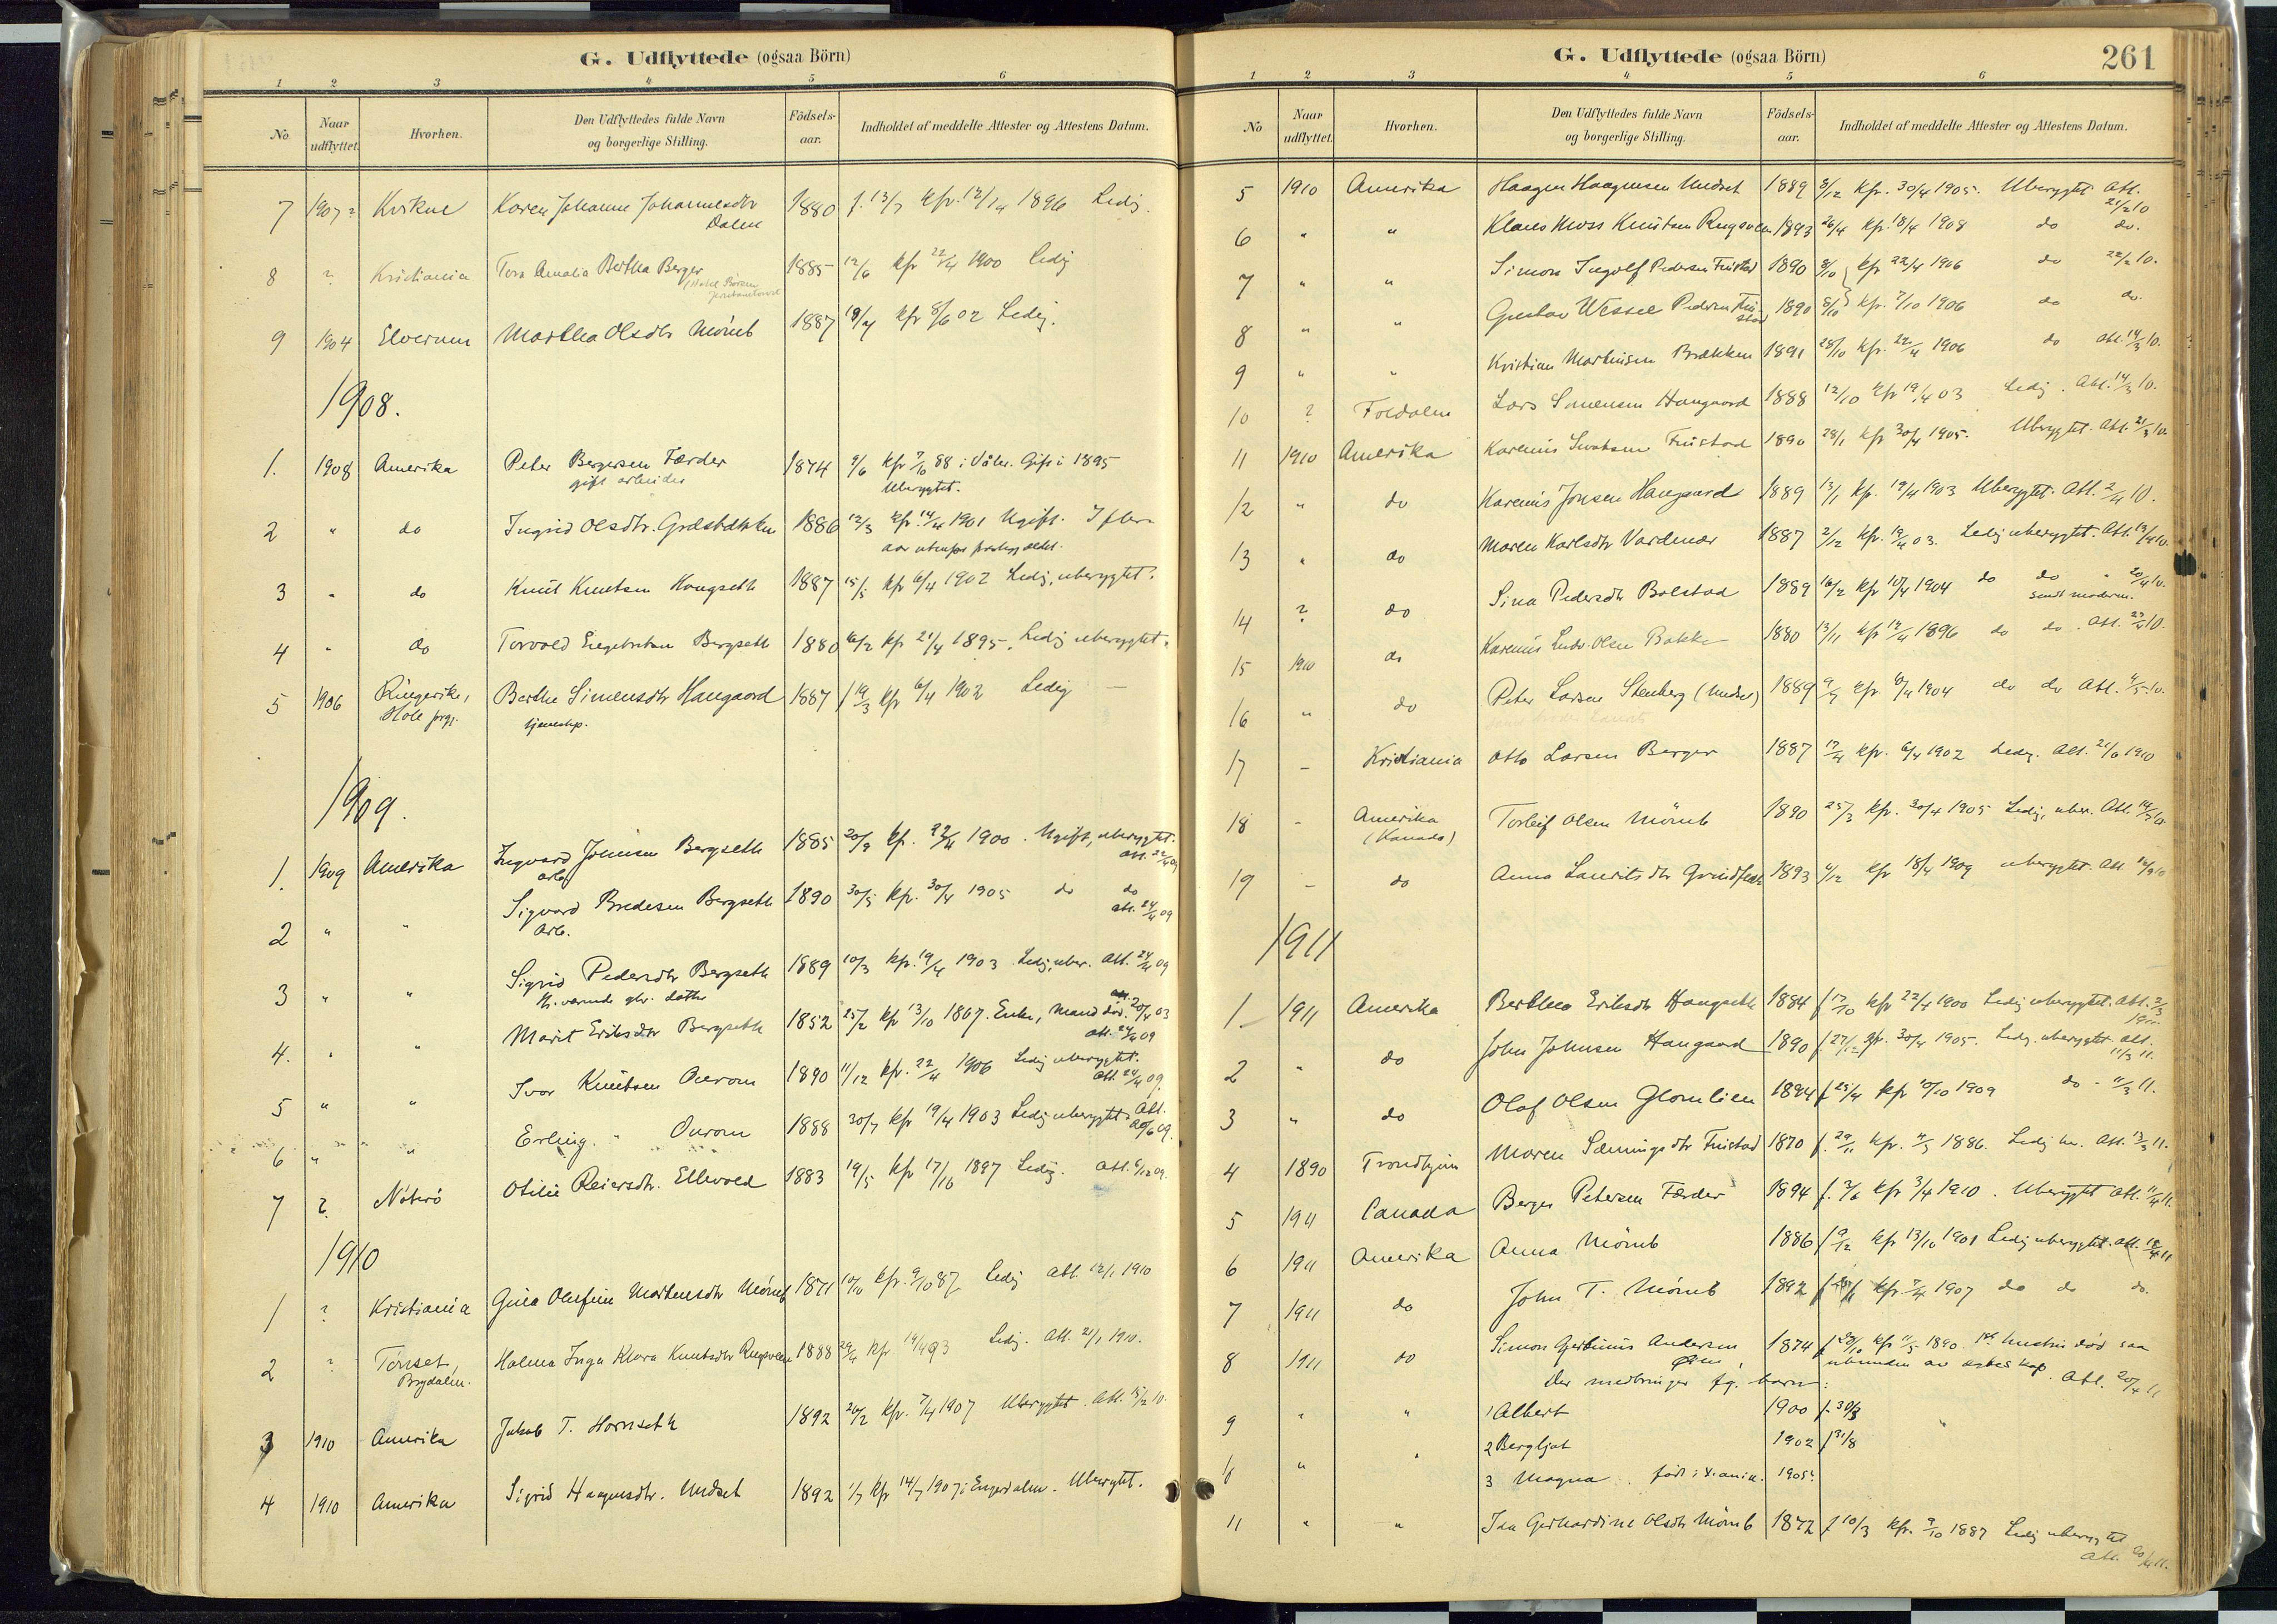 SAH, Rendalen prestekontor, H/Ha/Haa: Ministerialbok nr. 12, 1901-1928, s. 261